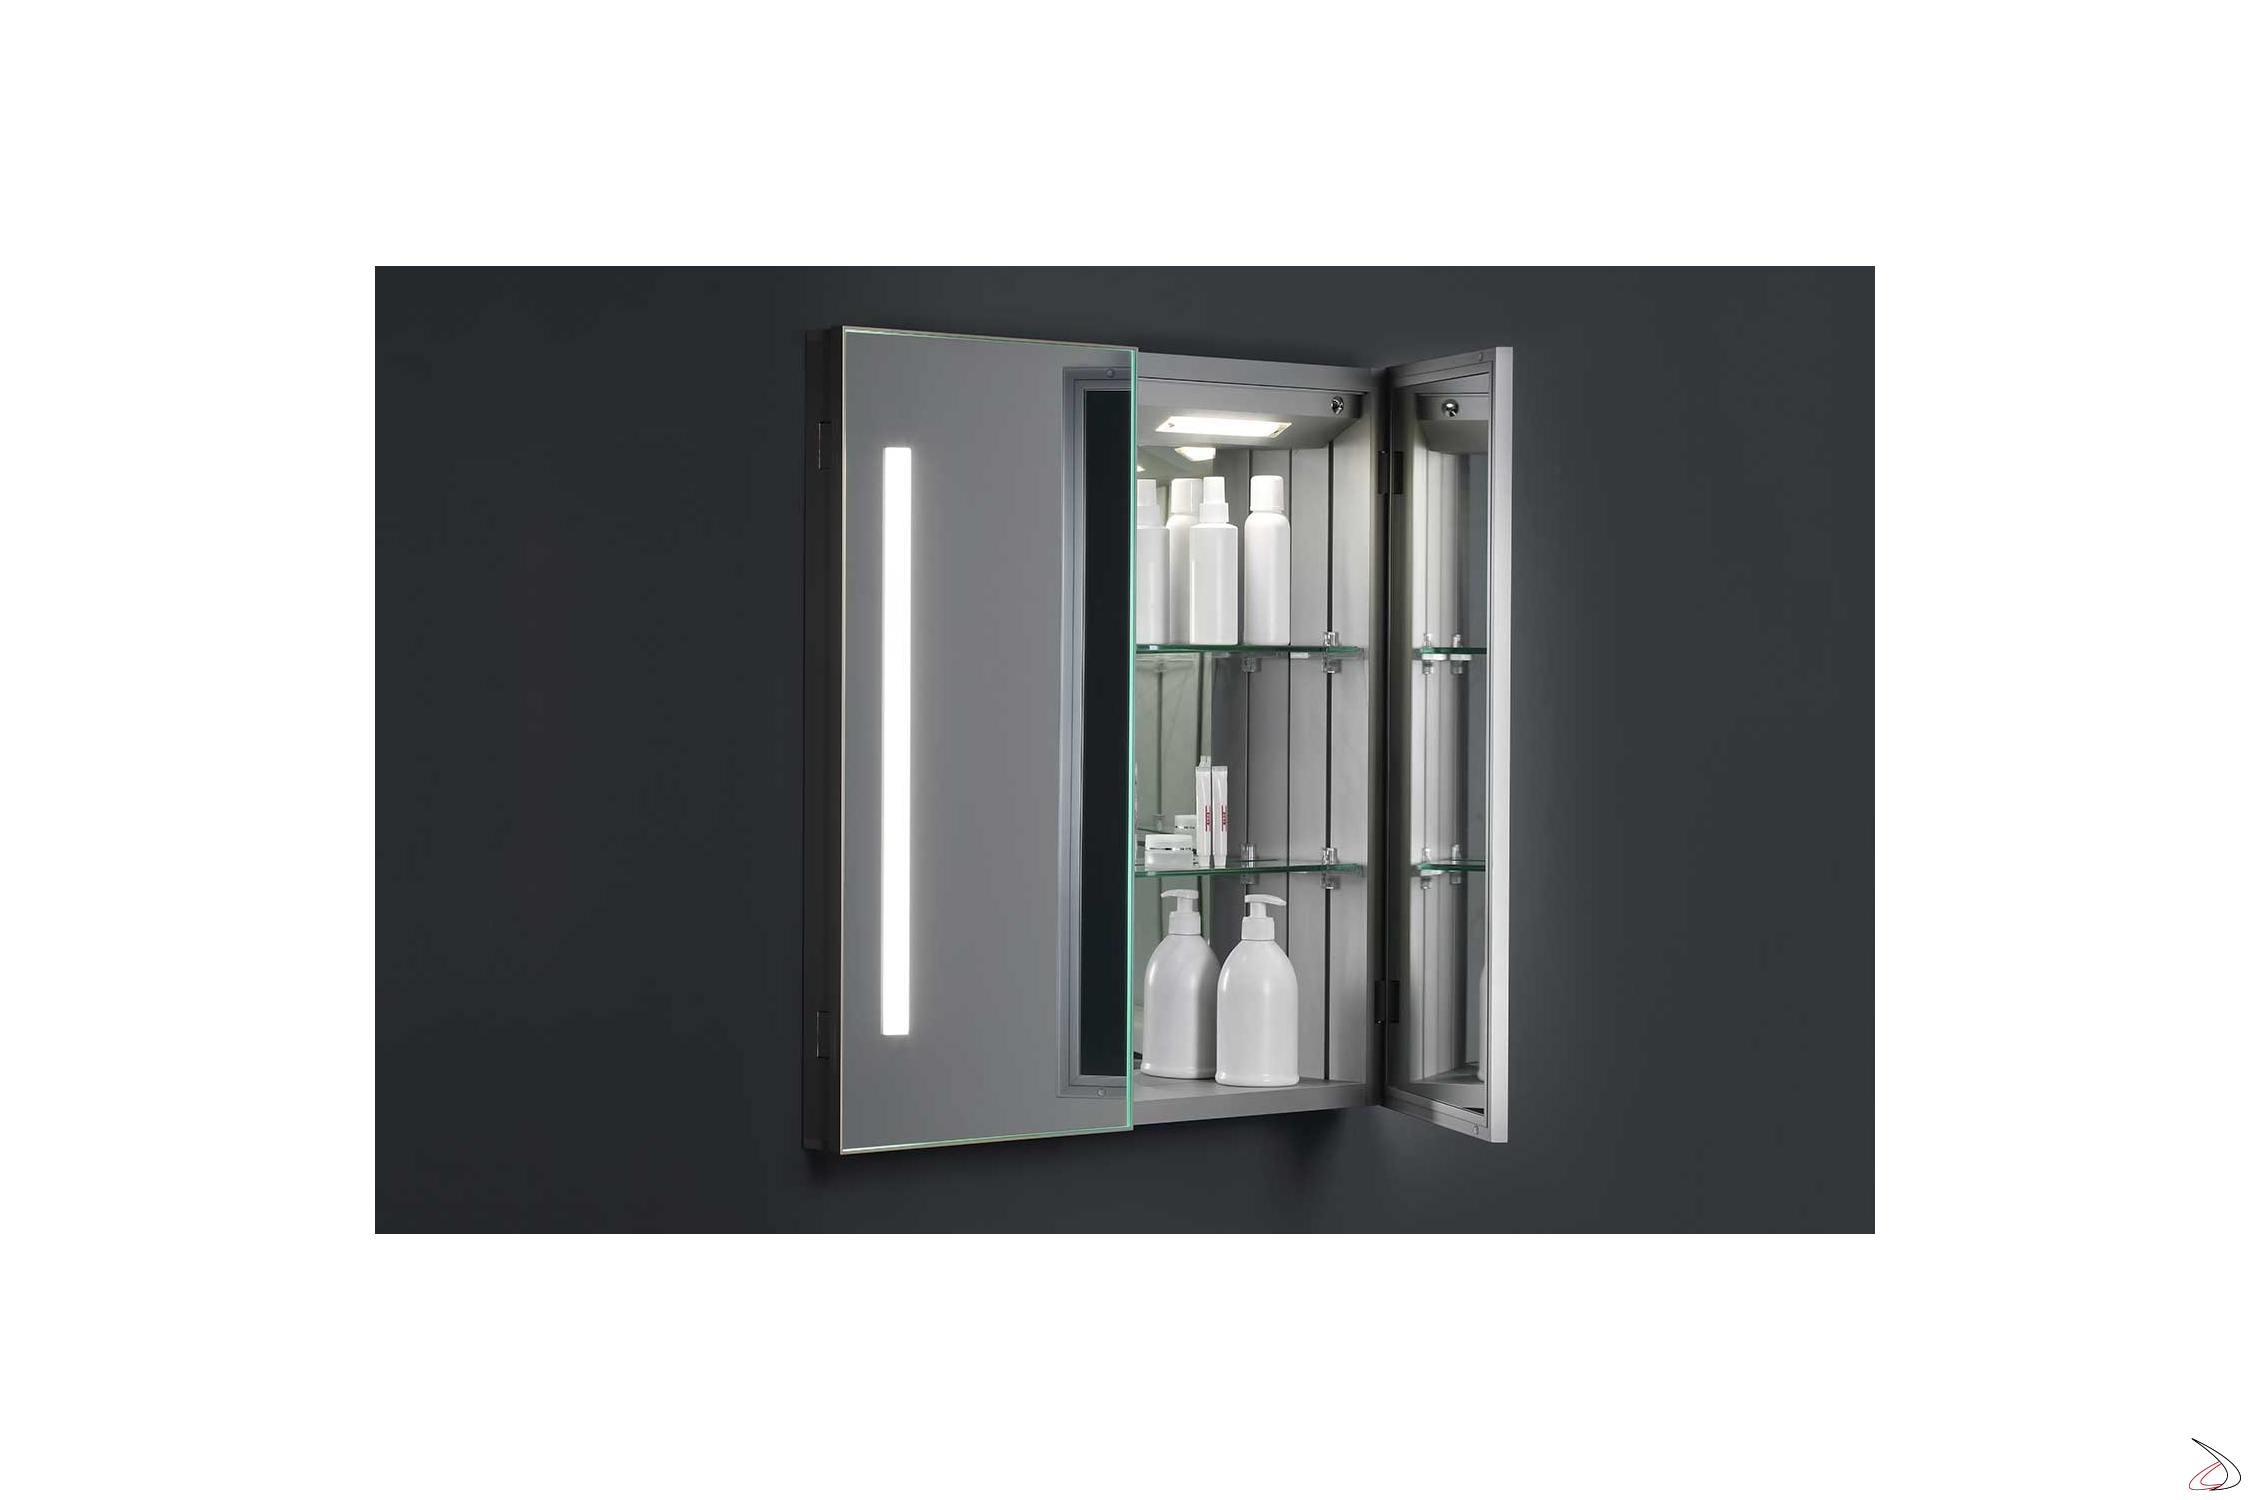 Specchio Bagno Contenitore Led.Specchio Contenitore Di Design Con Luci Led Rigel Toparredi